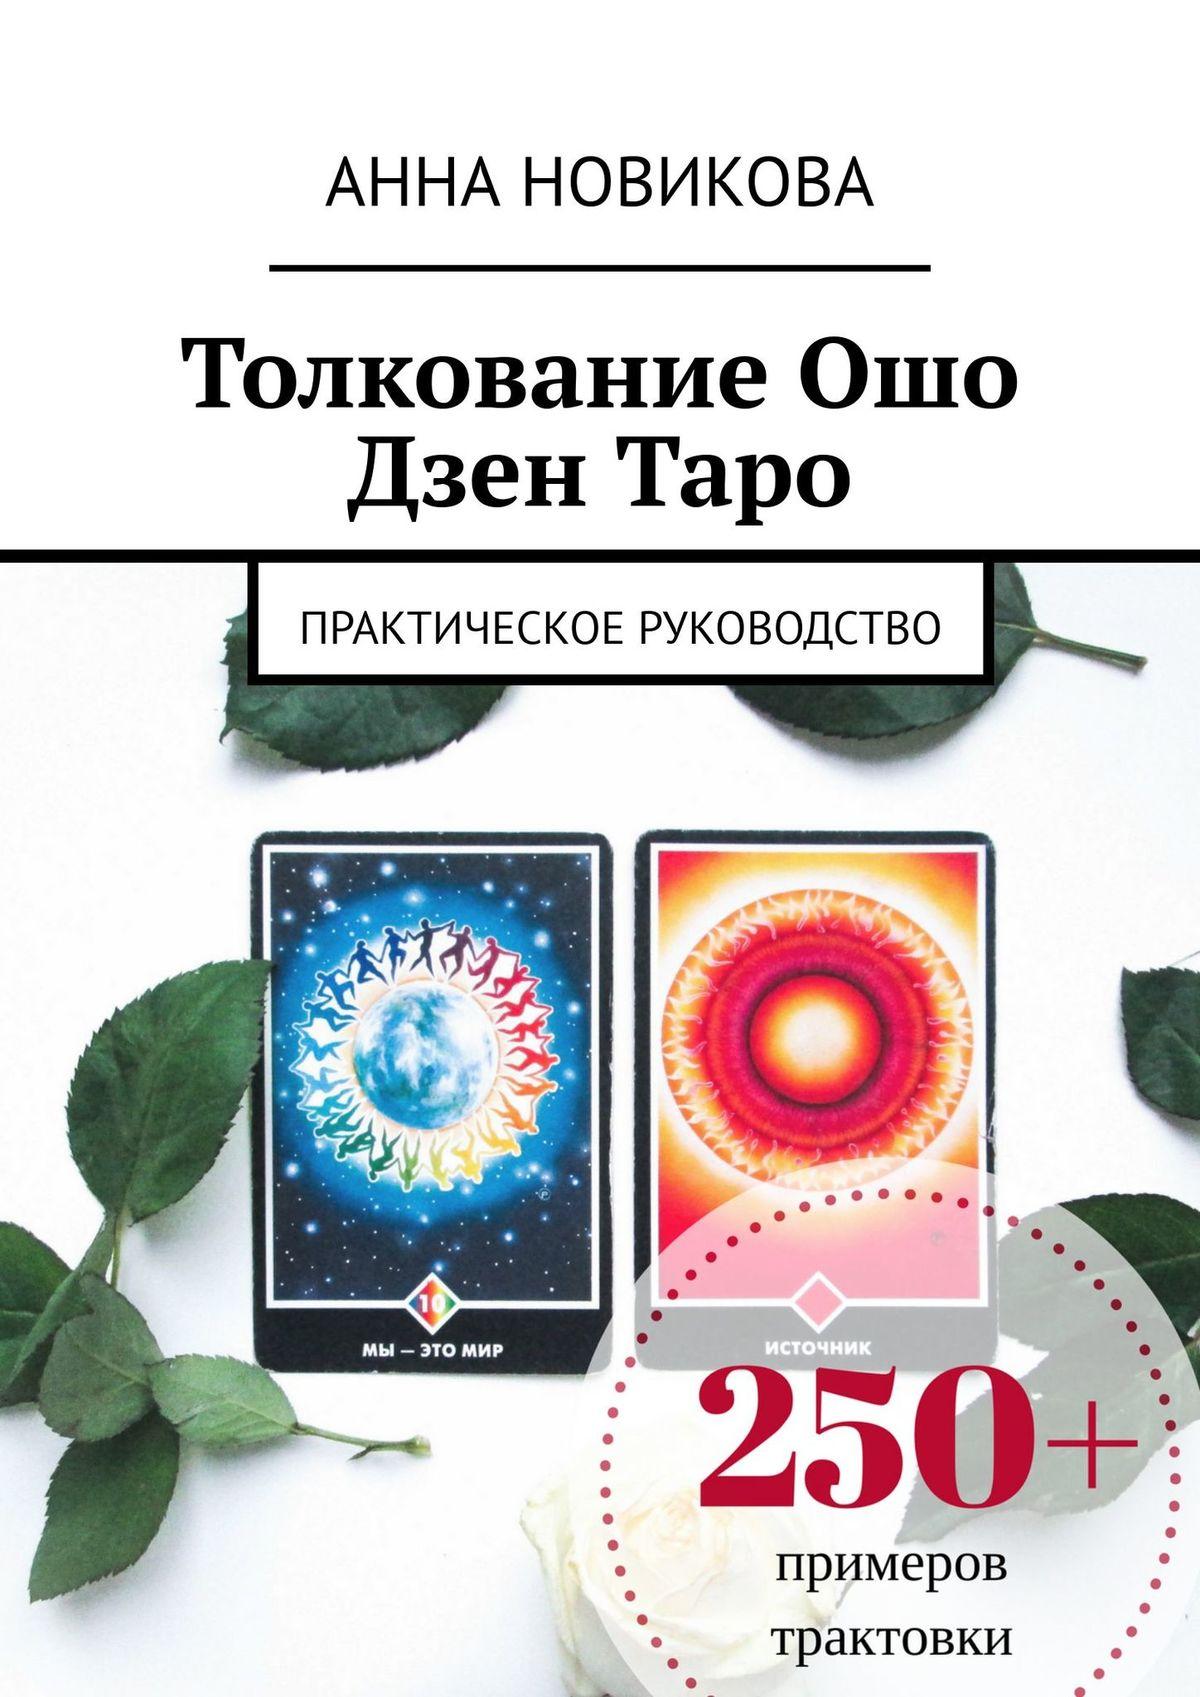 Анна Новикова Толкование Ошо Дзен Таро. Практическое руководство